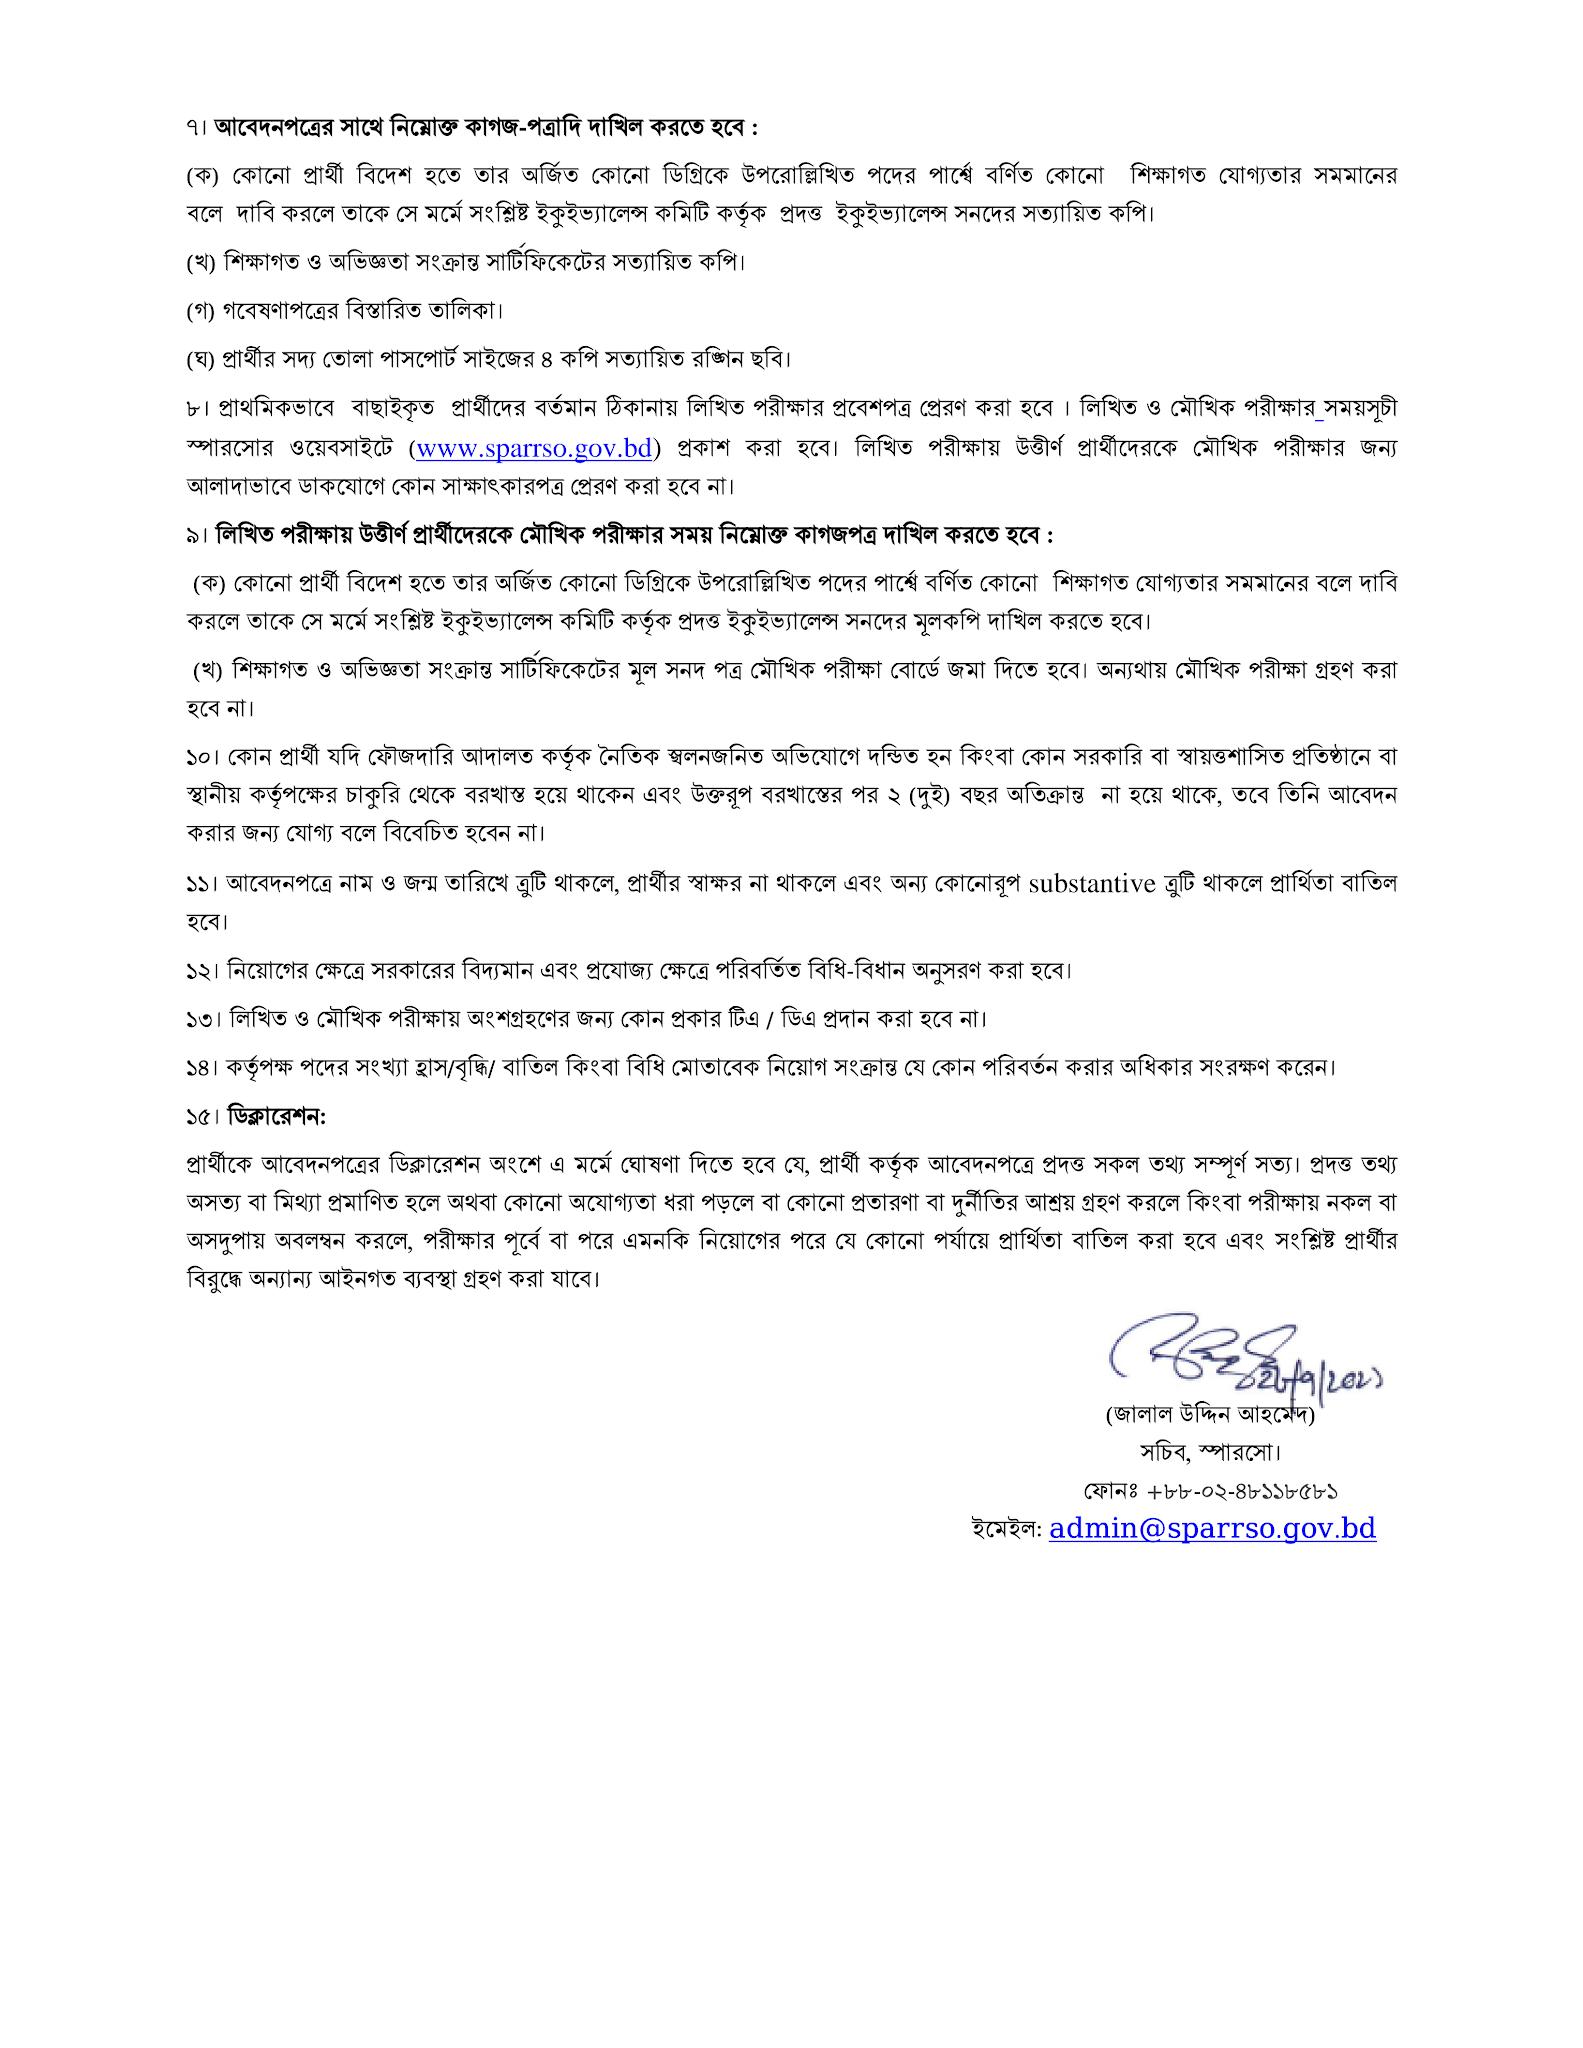 বাংলাদেশ মহাকাশ গবেষণা ও দূর অনুধাবন প্রতিষ্ঠান (স্পারসো) নিয়োগ ২০২১